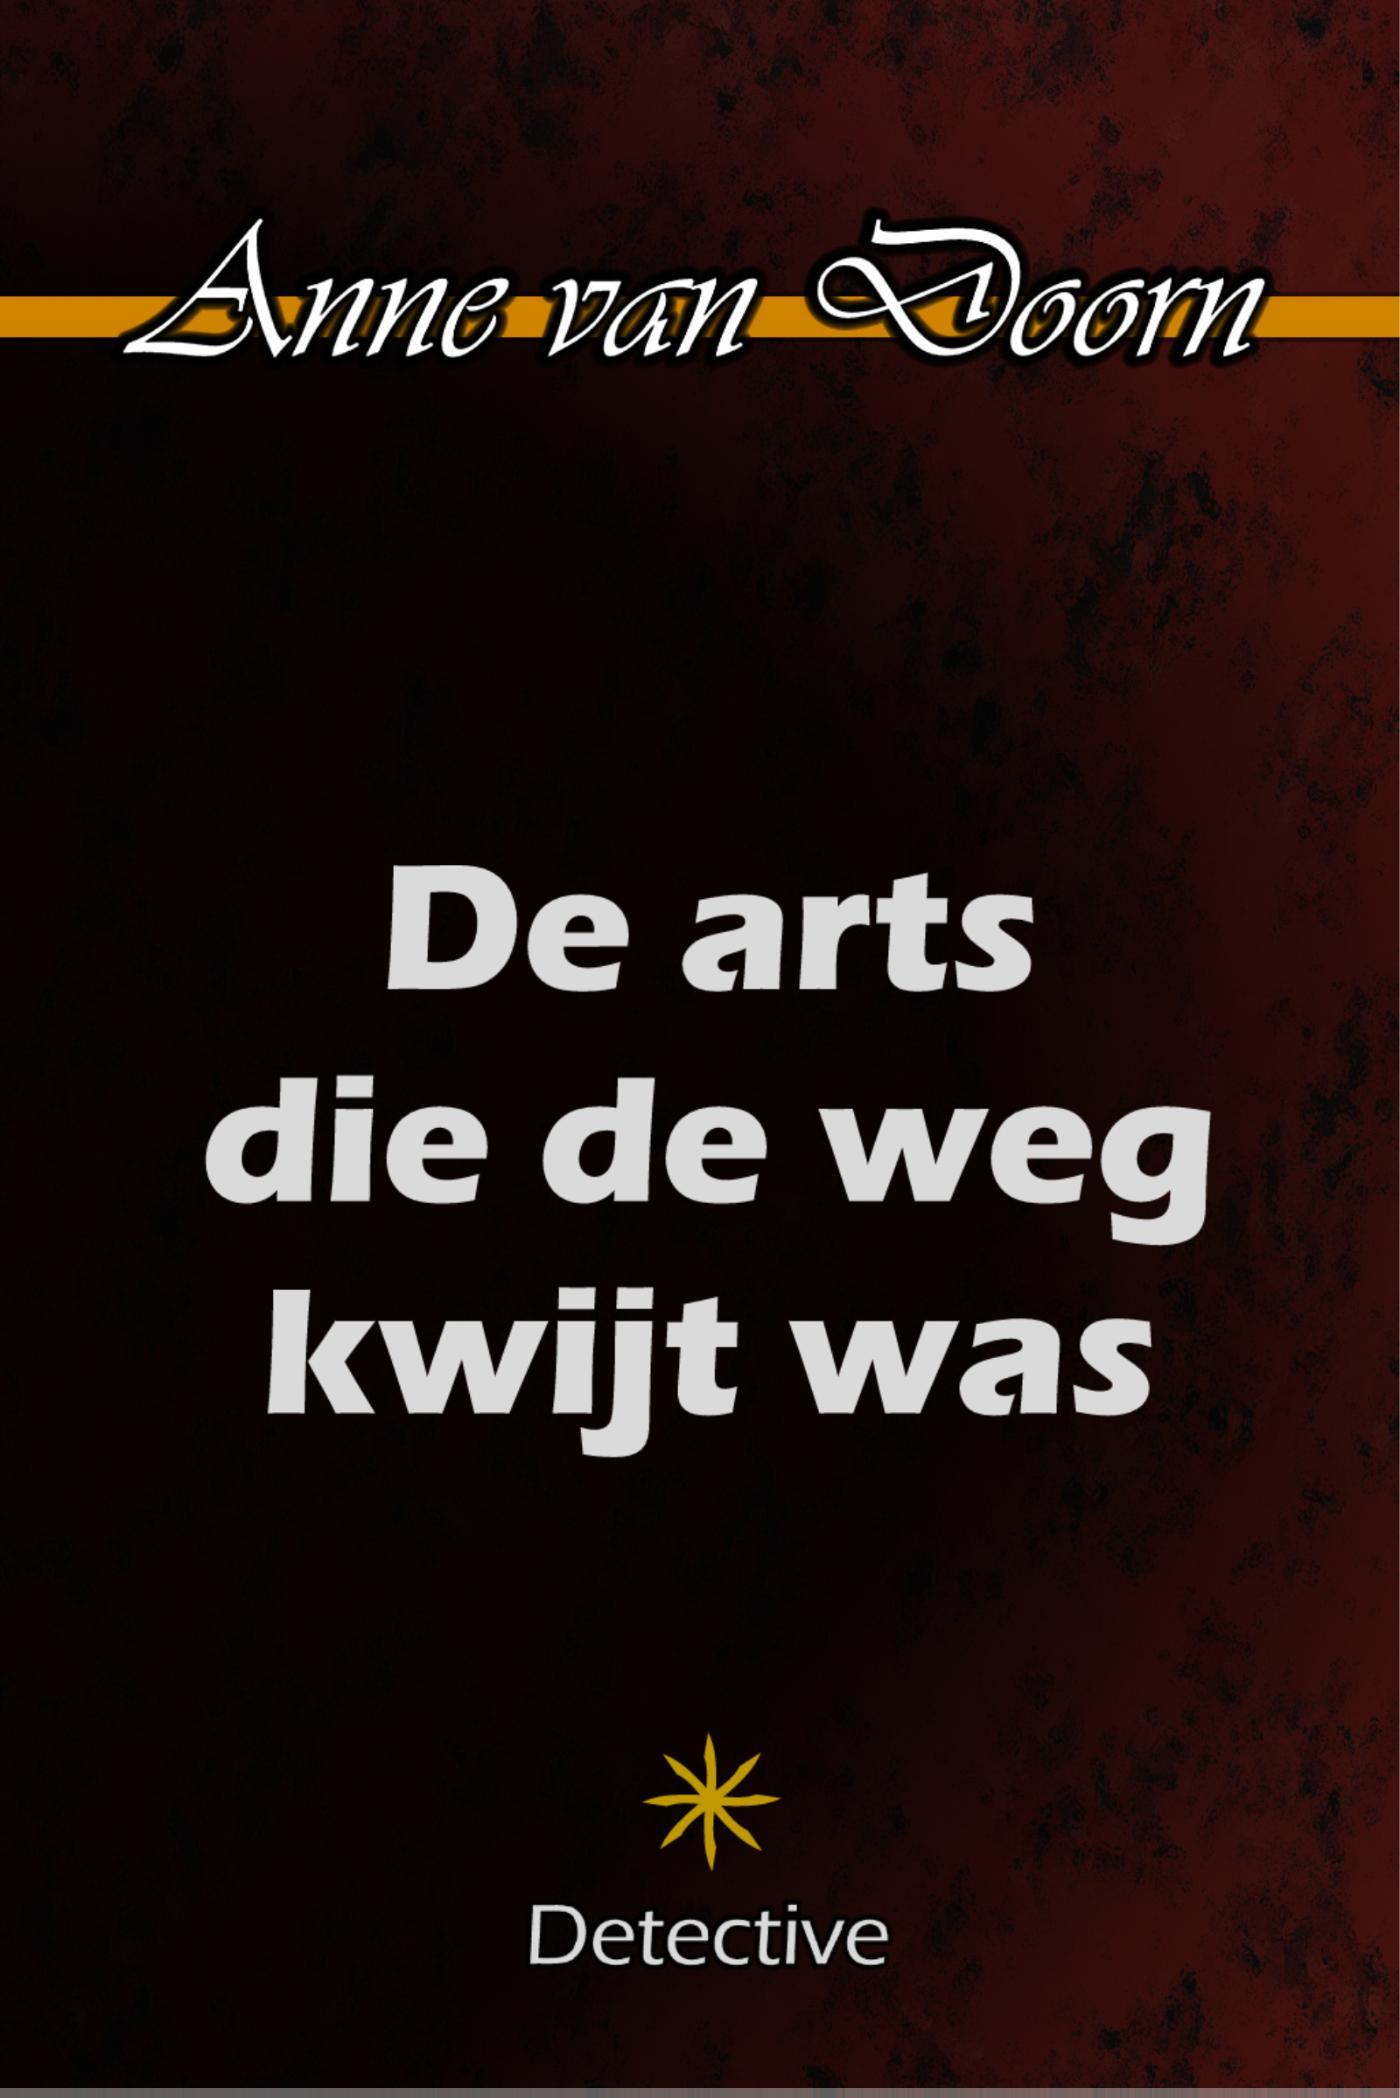 DE ARTS DIE DE WEG KWIJT WAS